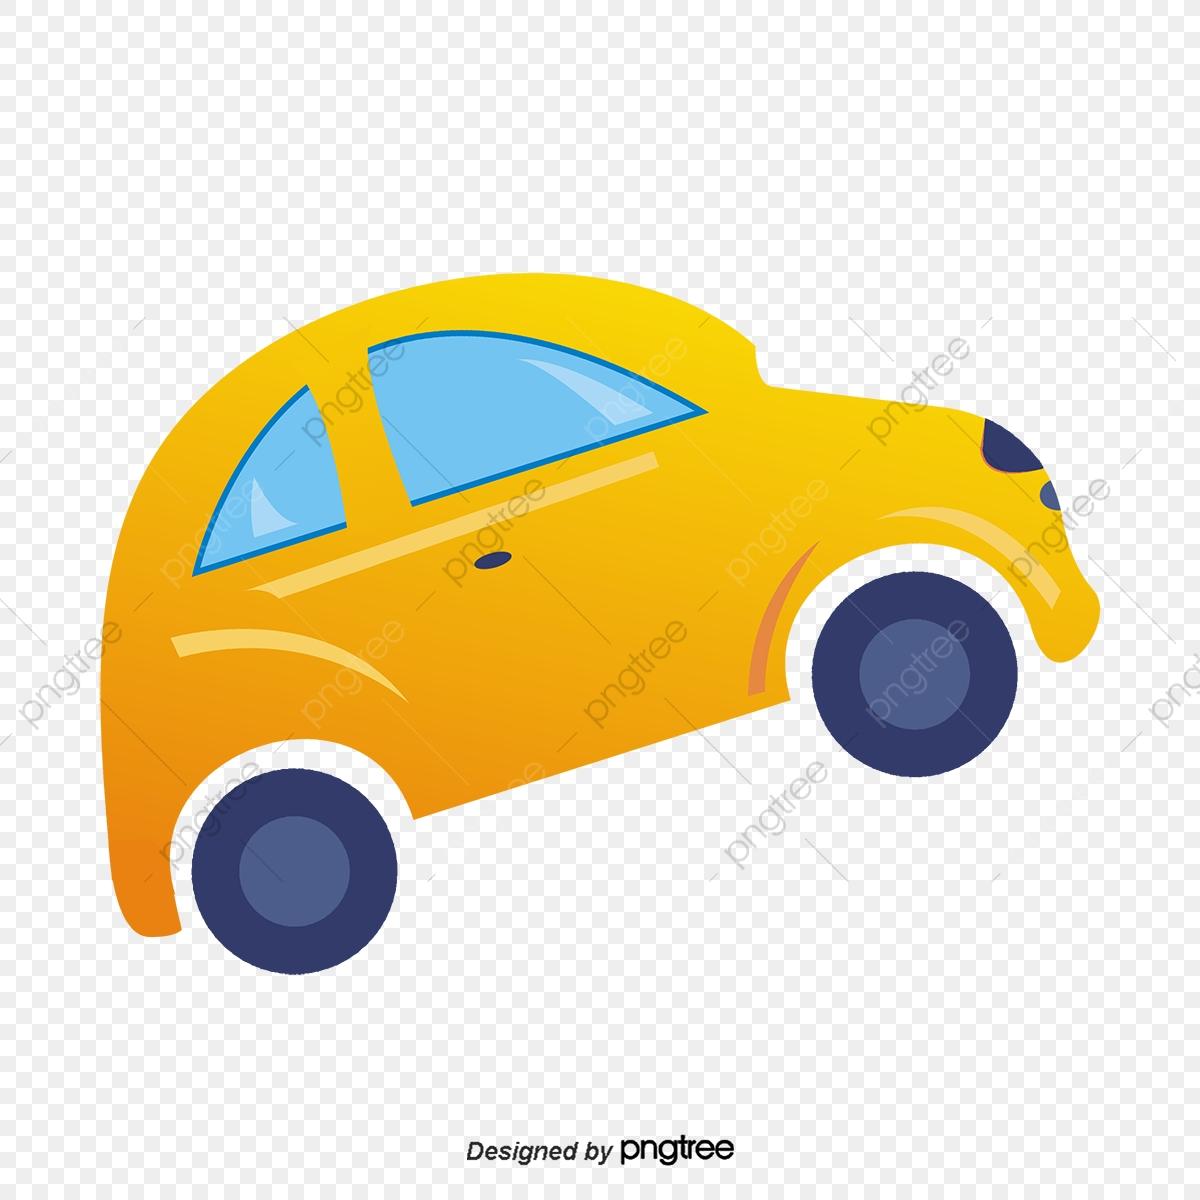 chariot dessin de voiture d u00e9corations b u00e9b u00e9 png et vecteur pour t u00e9l u00e9chargement gratuit